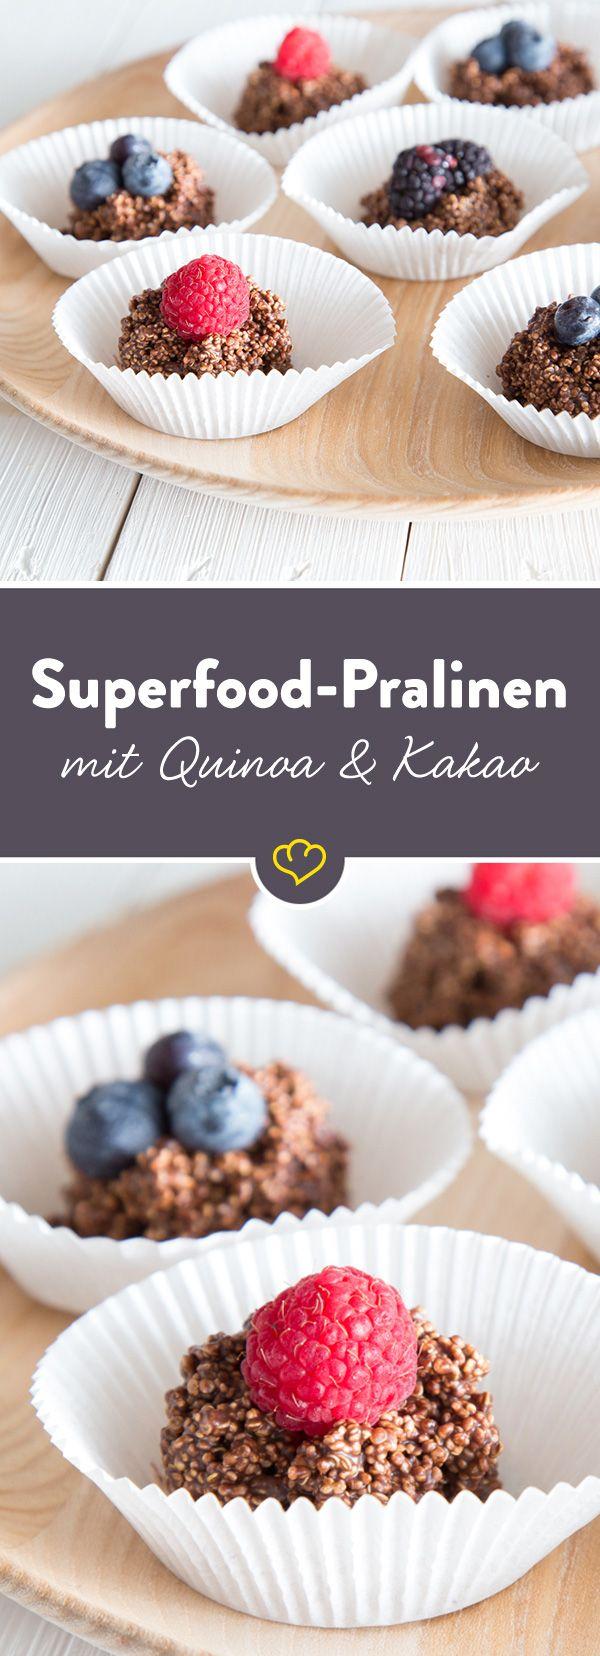 Ja, es gibt sie tatsächlich - gesunde Pralinen. Die Basis: Quinoa Crispies. Zusammen mit Kakao und Erdnussbutter eine Superfood-Süßigkeit.